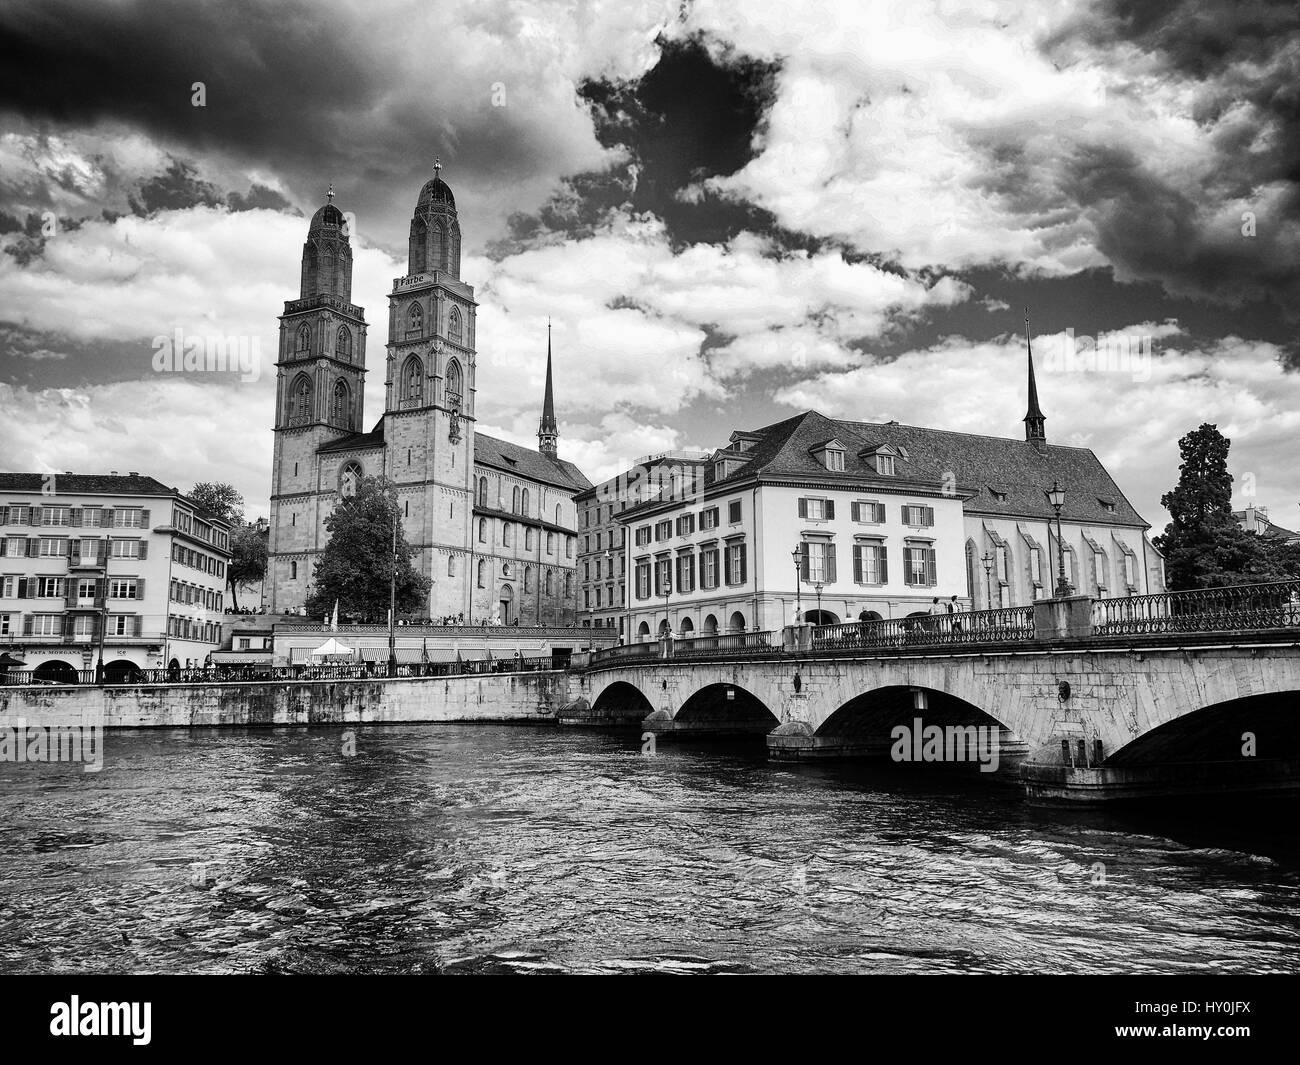 Grossmünster with Helmhaus and Münsterbrücke, Zürich, Switzerland - Stock Image